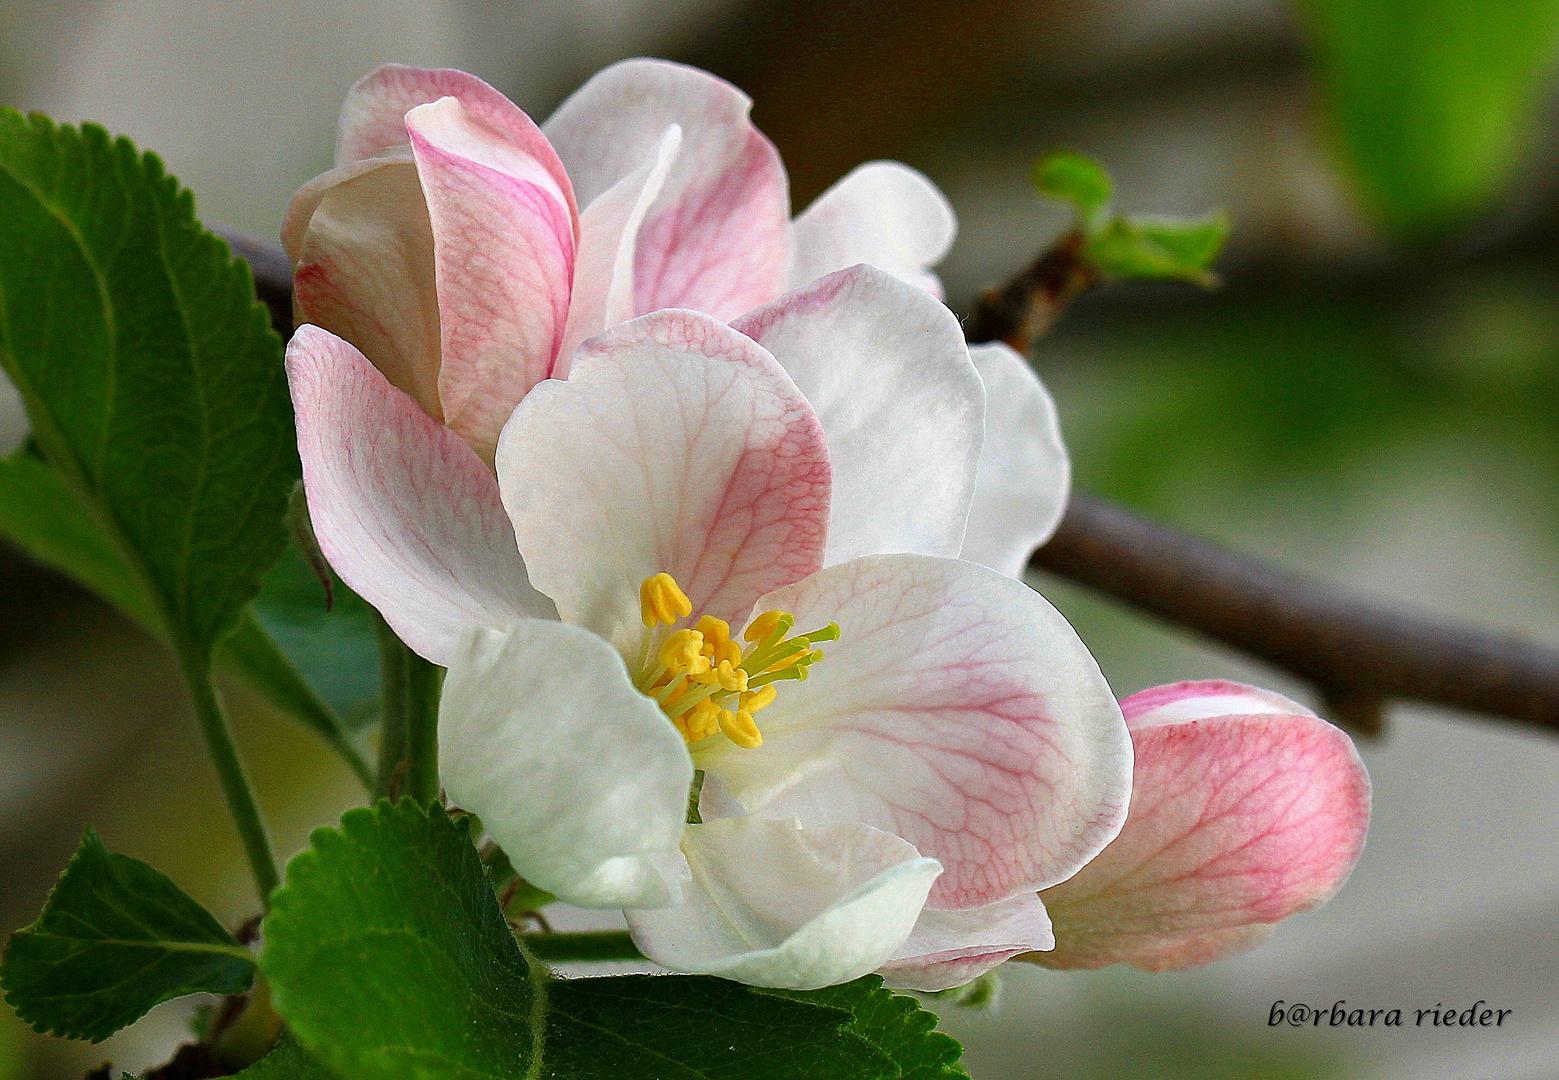 ... Apfelblüte ...